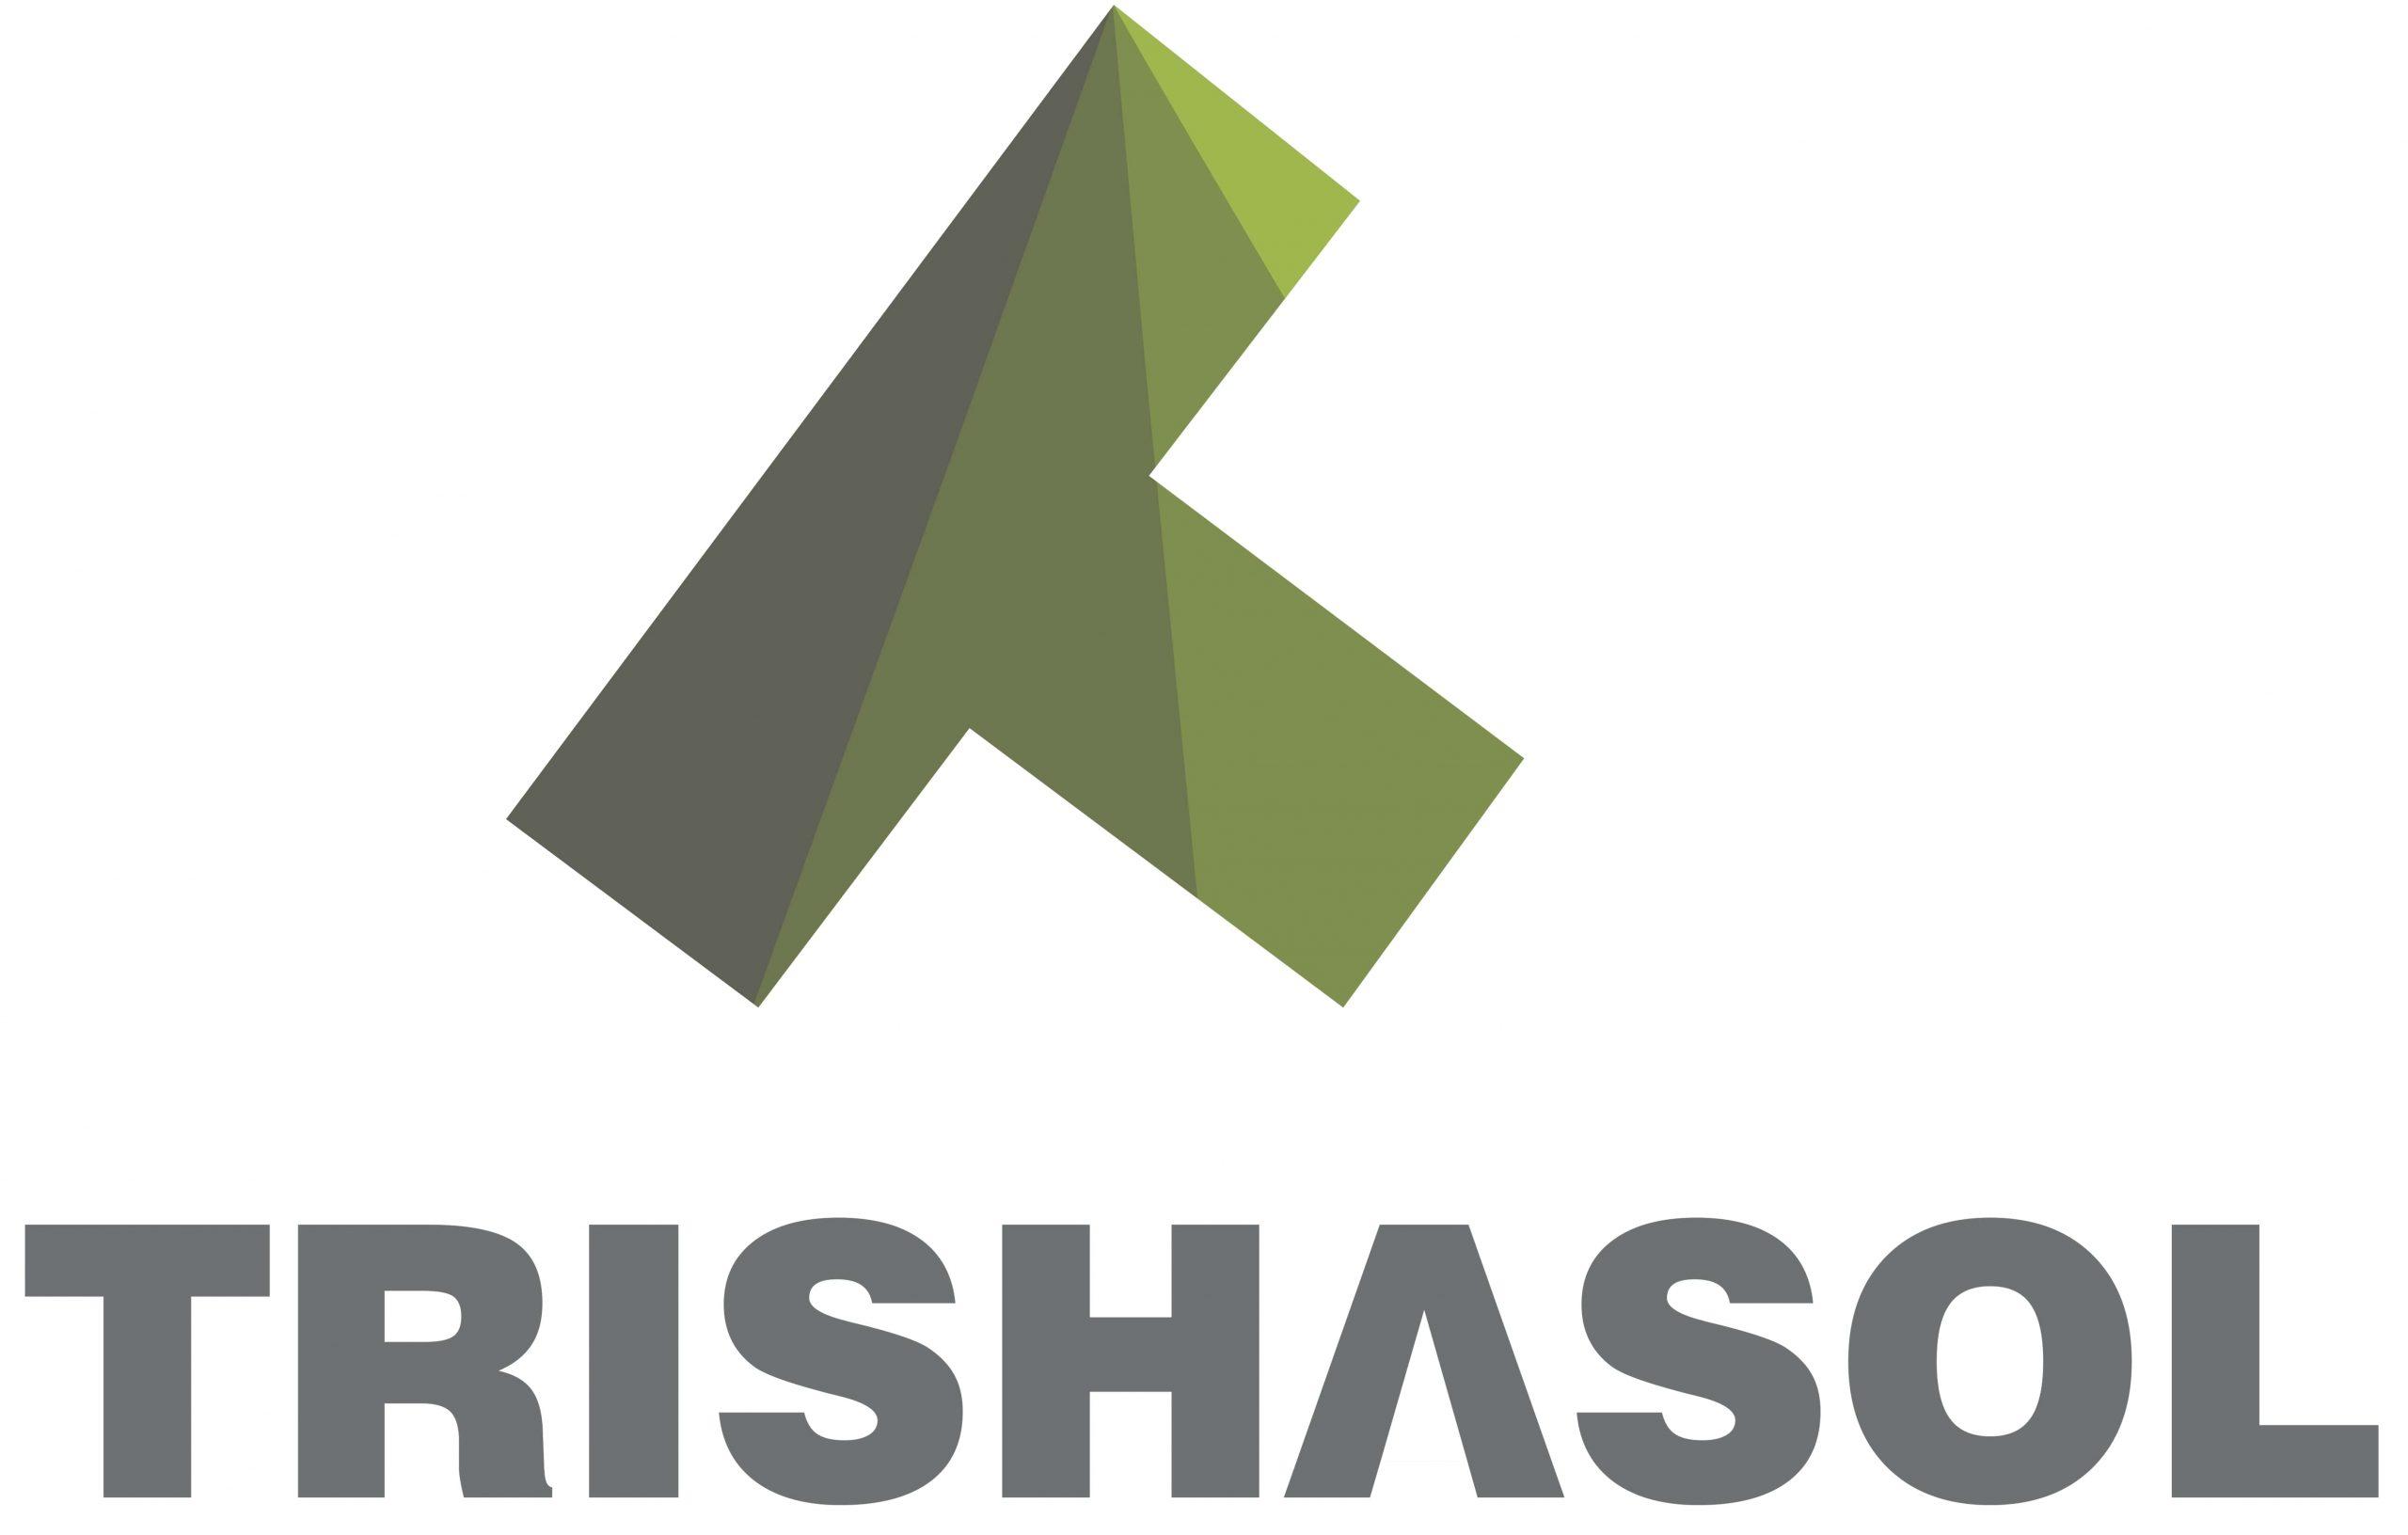 Trishasol